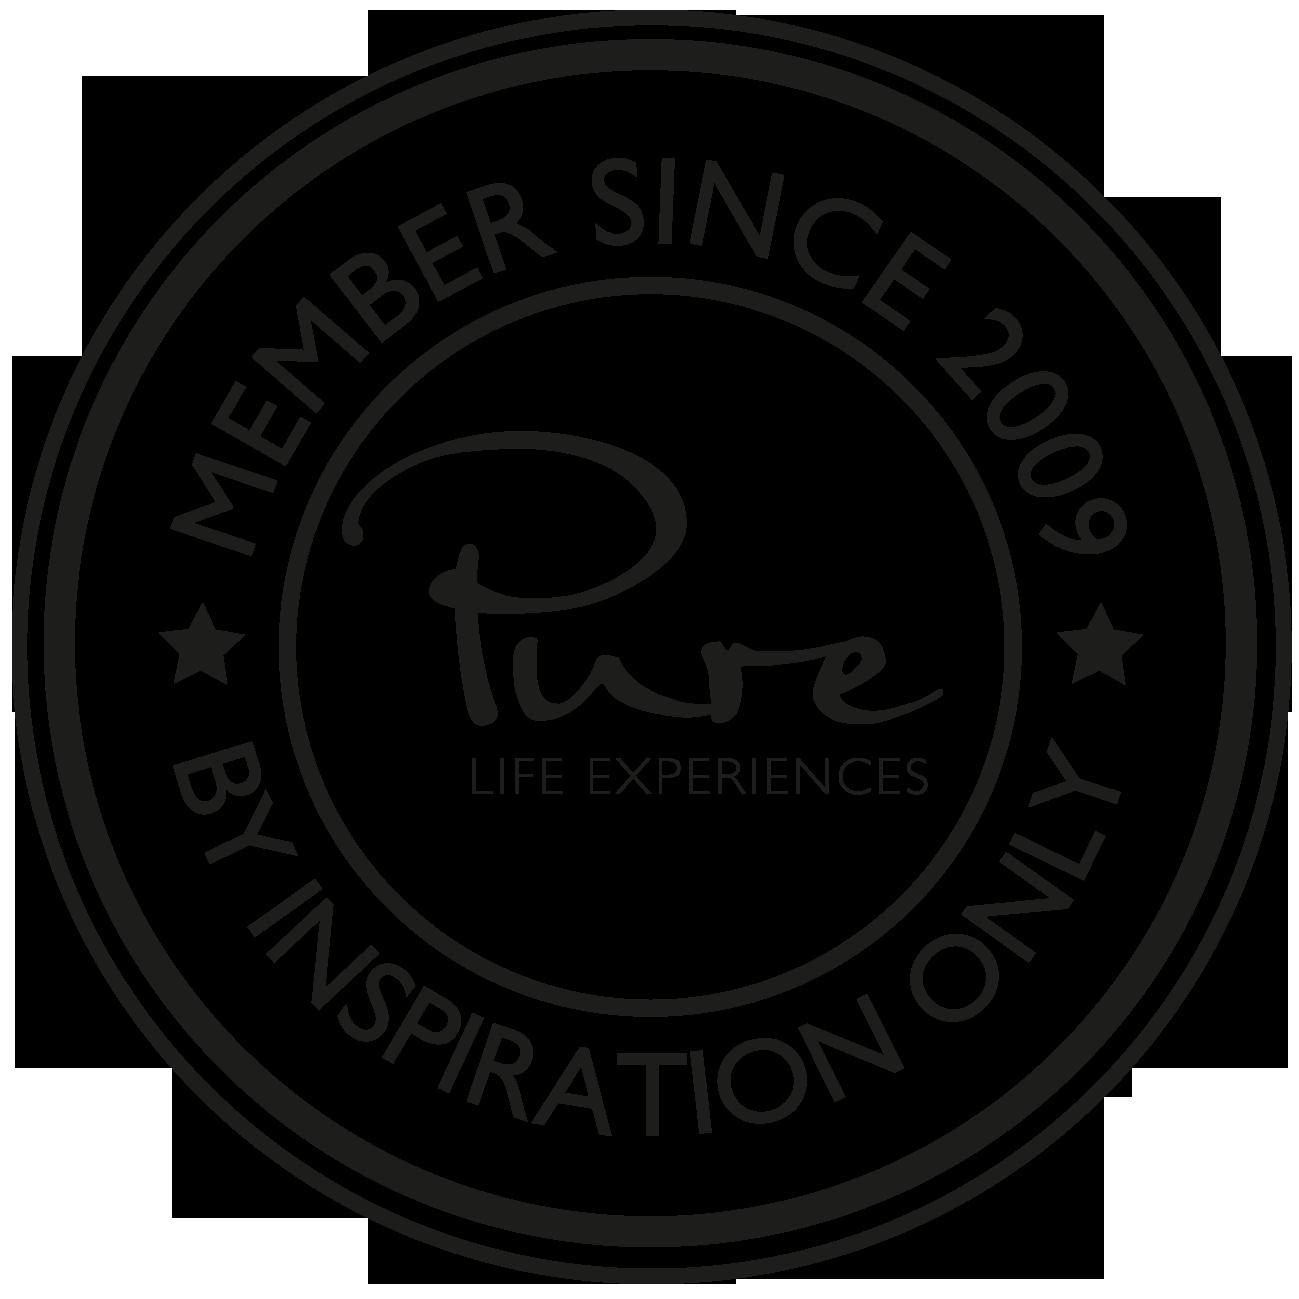 """Résultat de recherche d'images pour """"pure life experience logo png"""""""